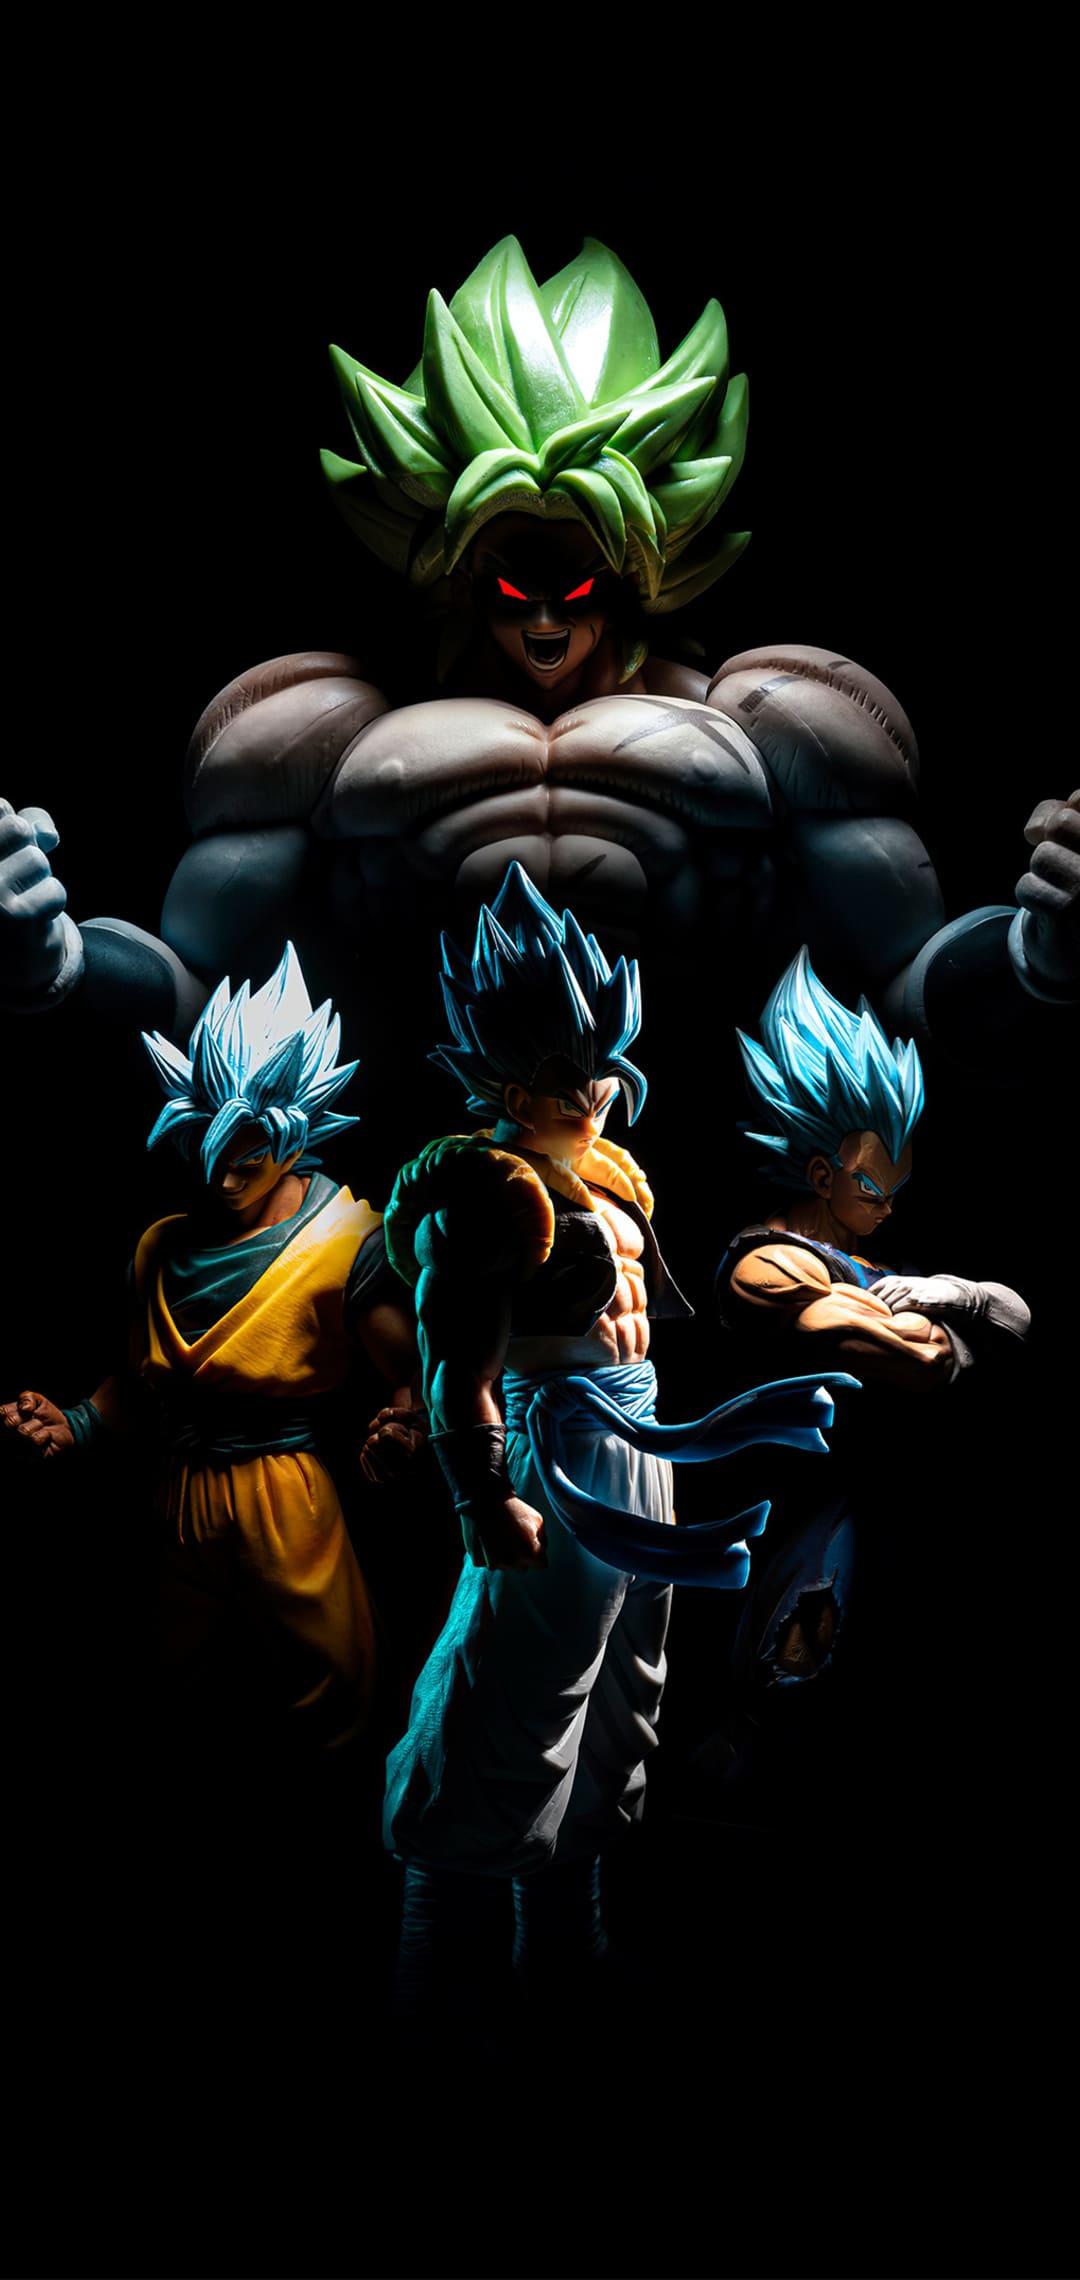 Goku Wallpapers Top Best 4k Goku Backgrounds Download 75 Hd